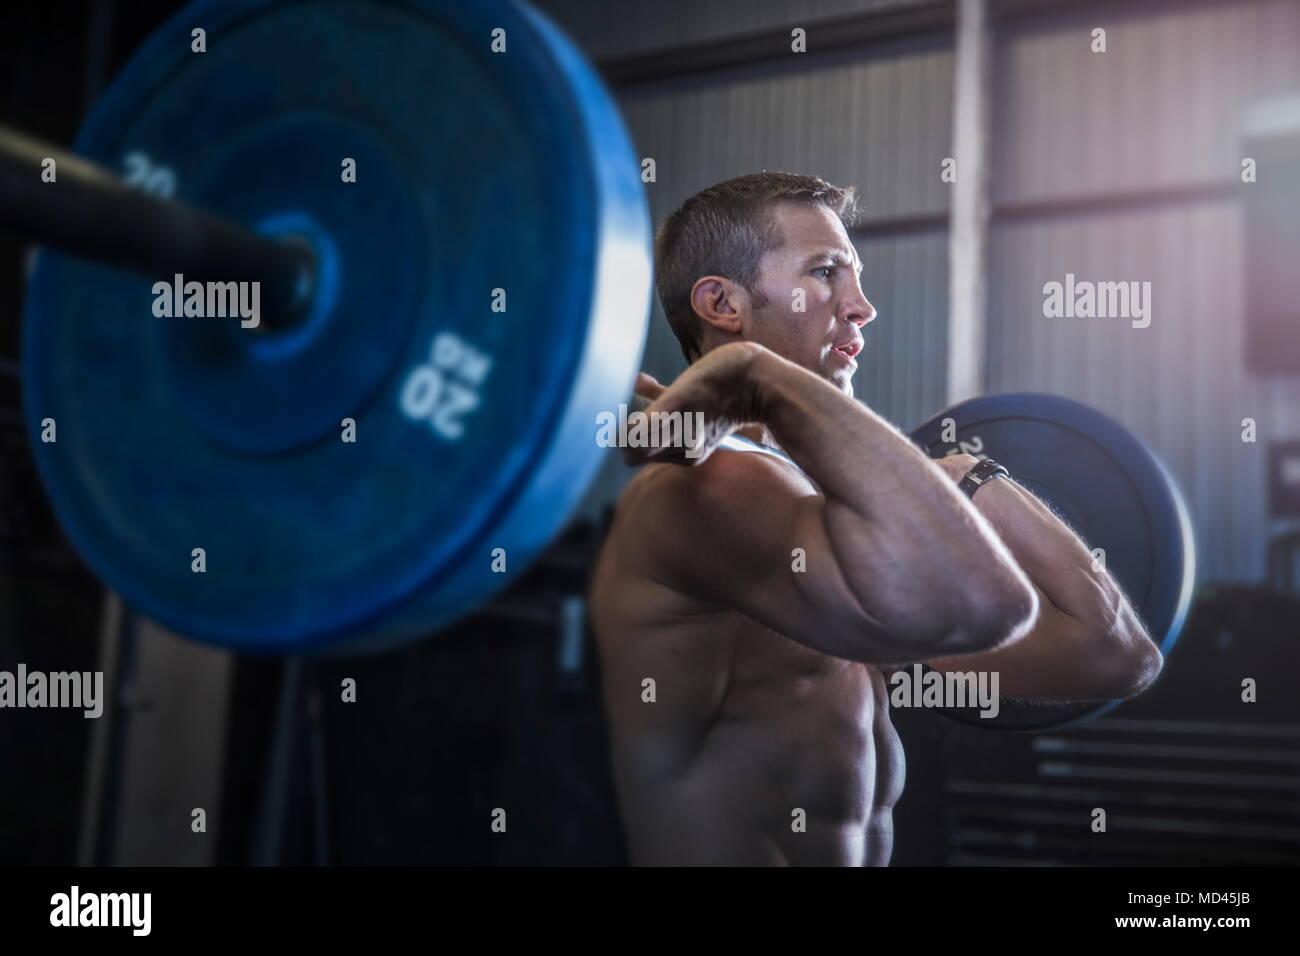 Mann, das Trainieren im Fitnessstudio, mit Langhantel, Vordere Hocke Stockbild